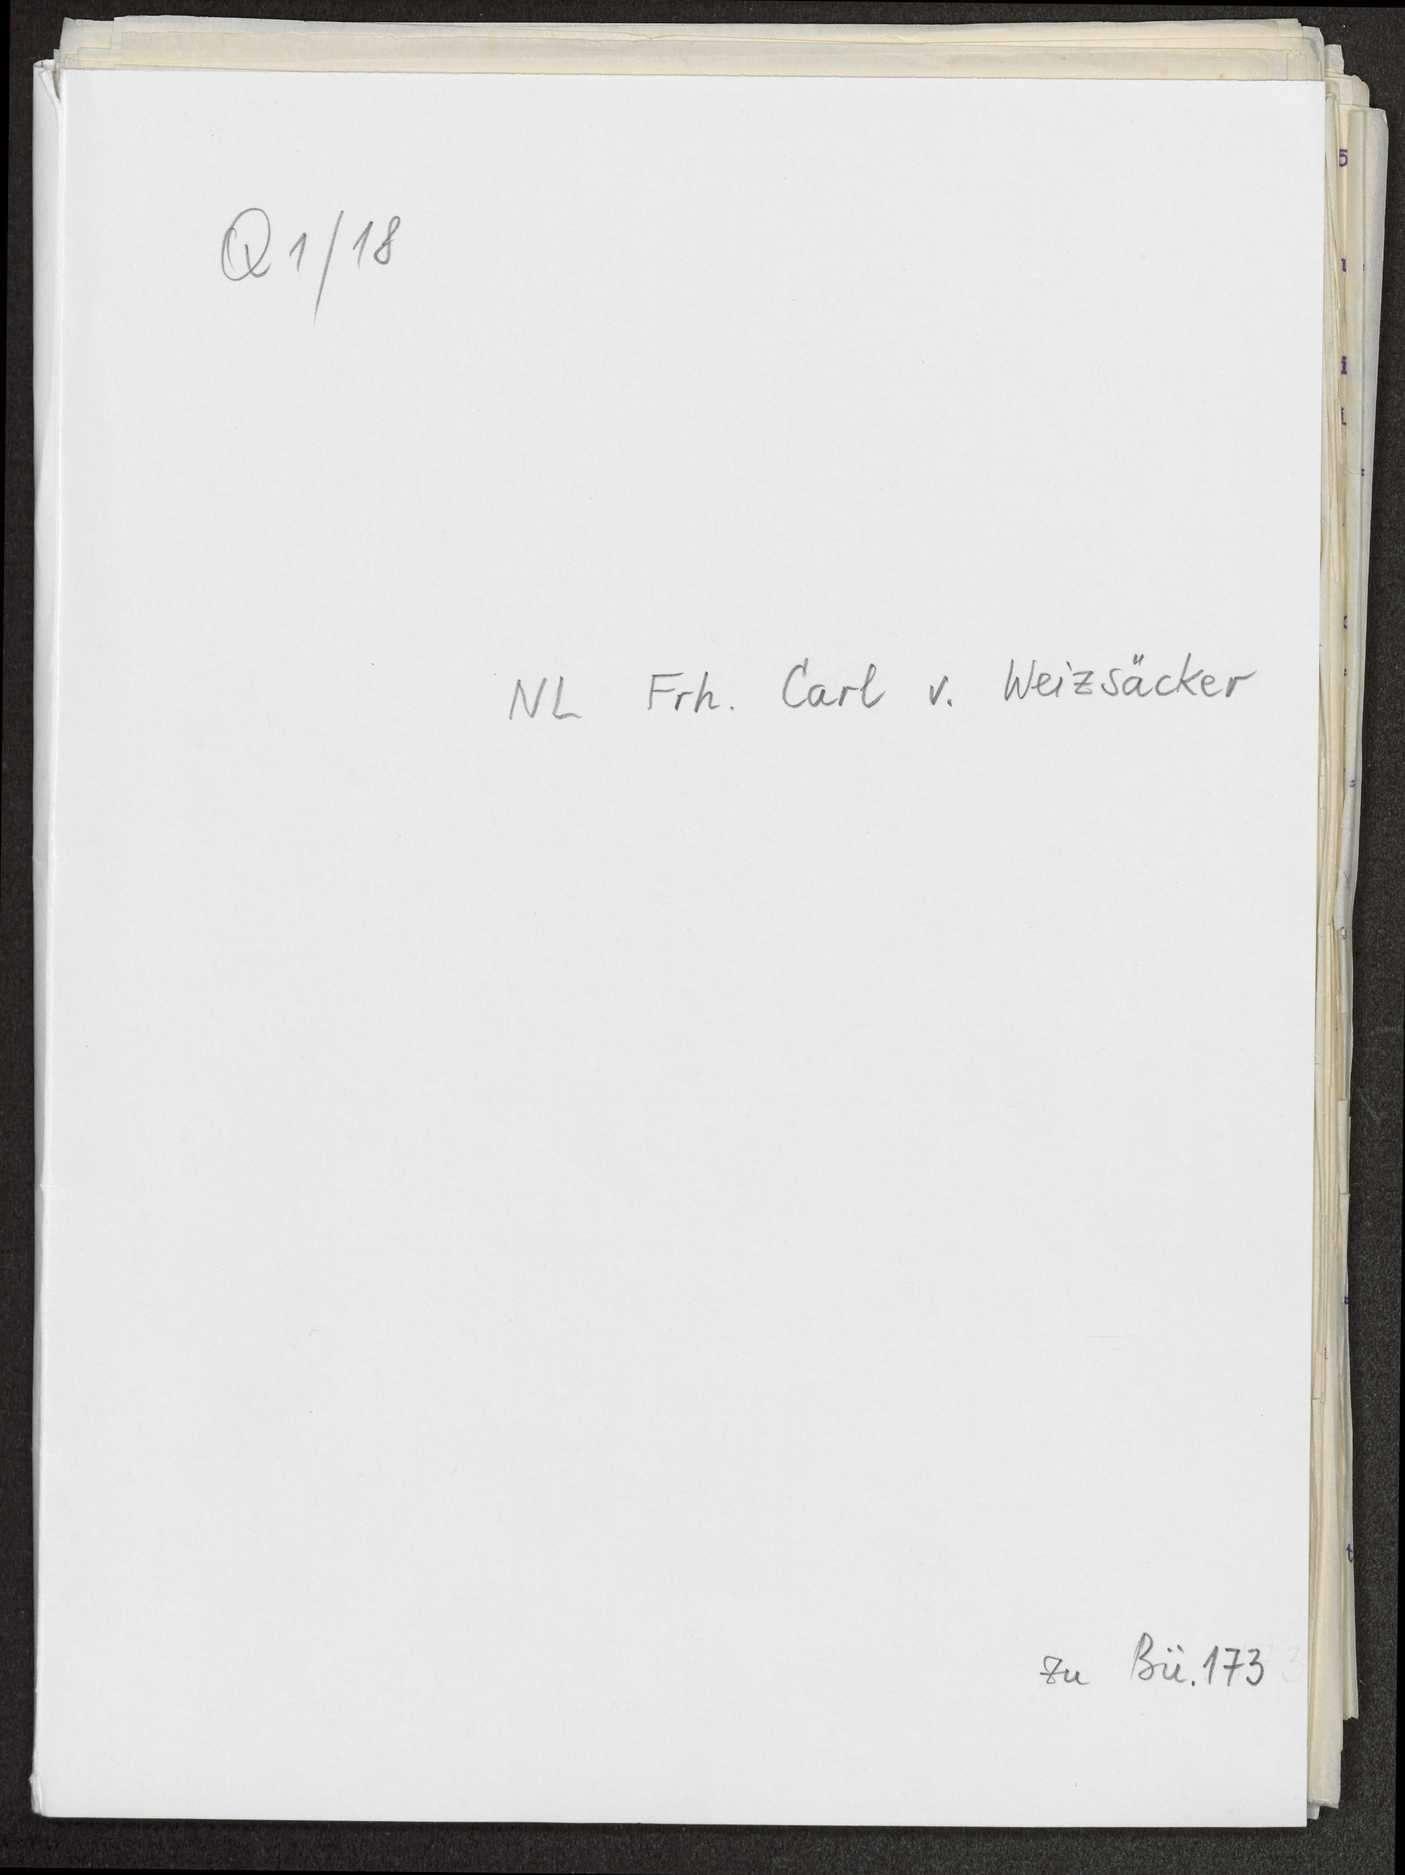 Lebenserinnerungen von Weizsäcker. Maschinenschriftliche Abschrift von Gustel Meibom. Weiterführung von Ernst v. Weizsäcker, 1926, Bild 1